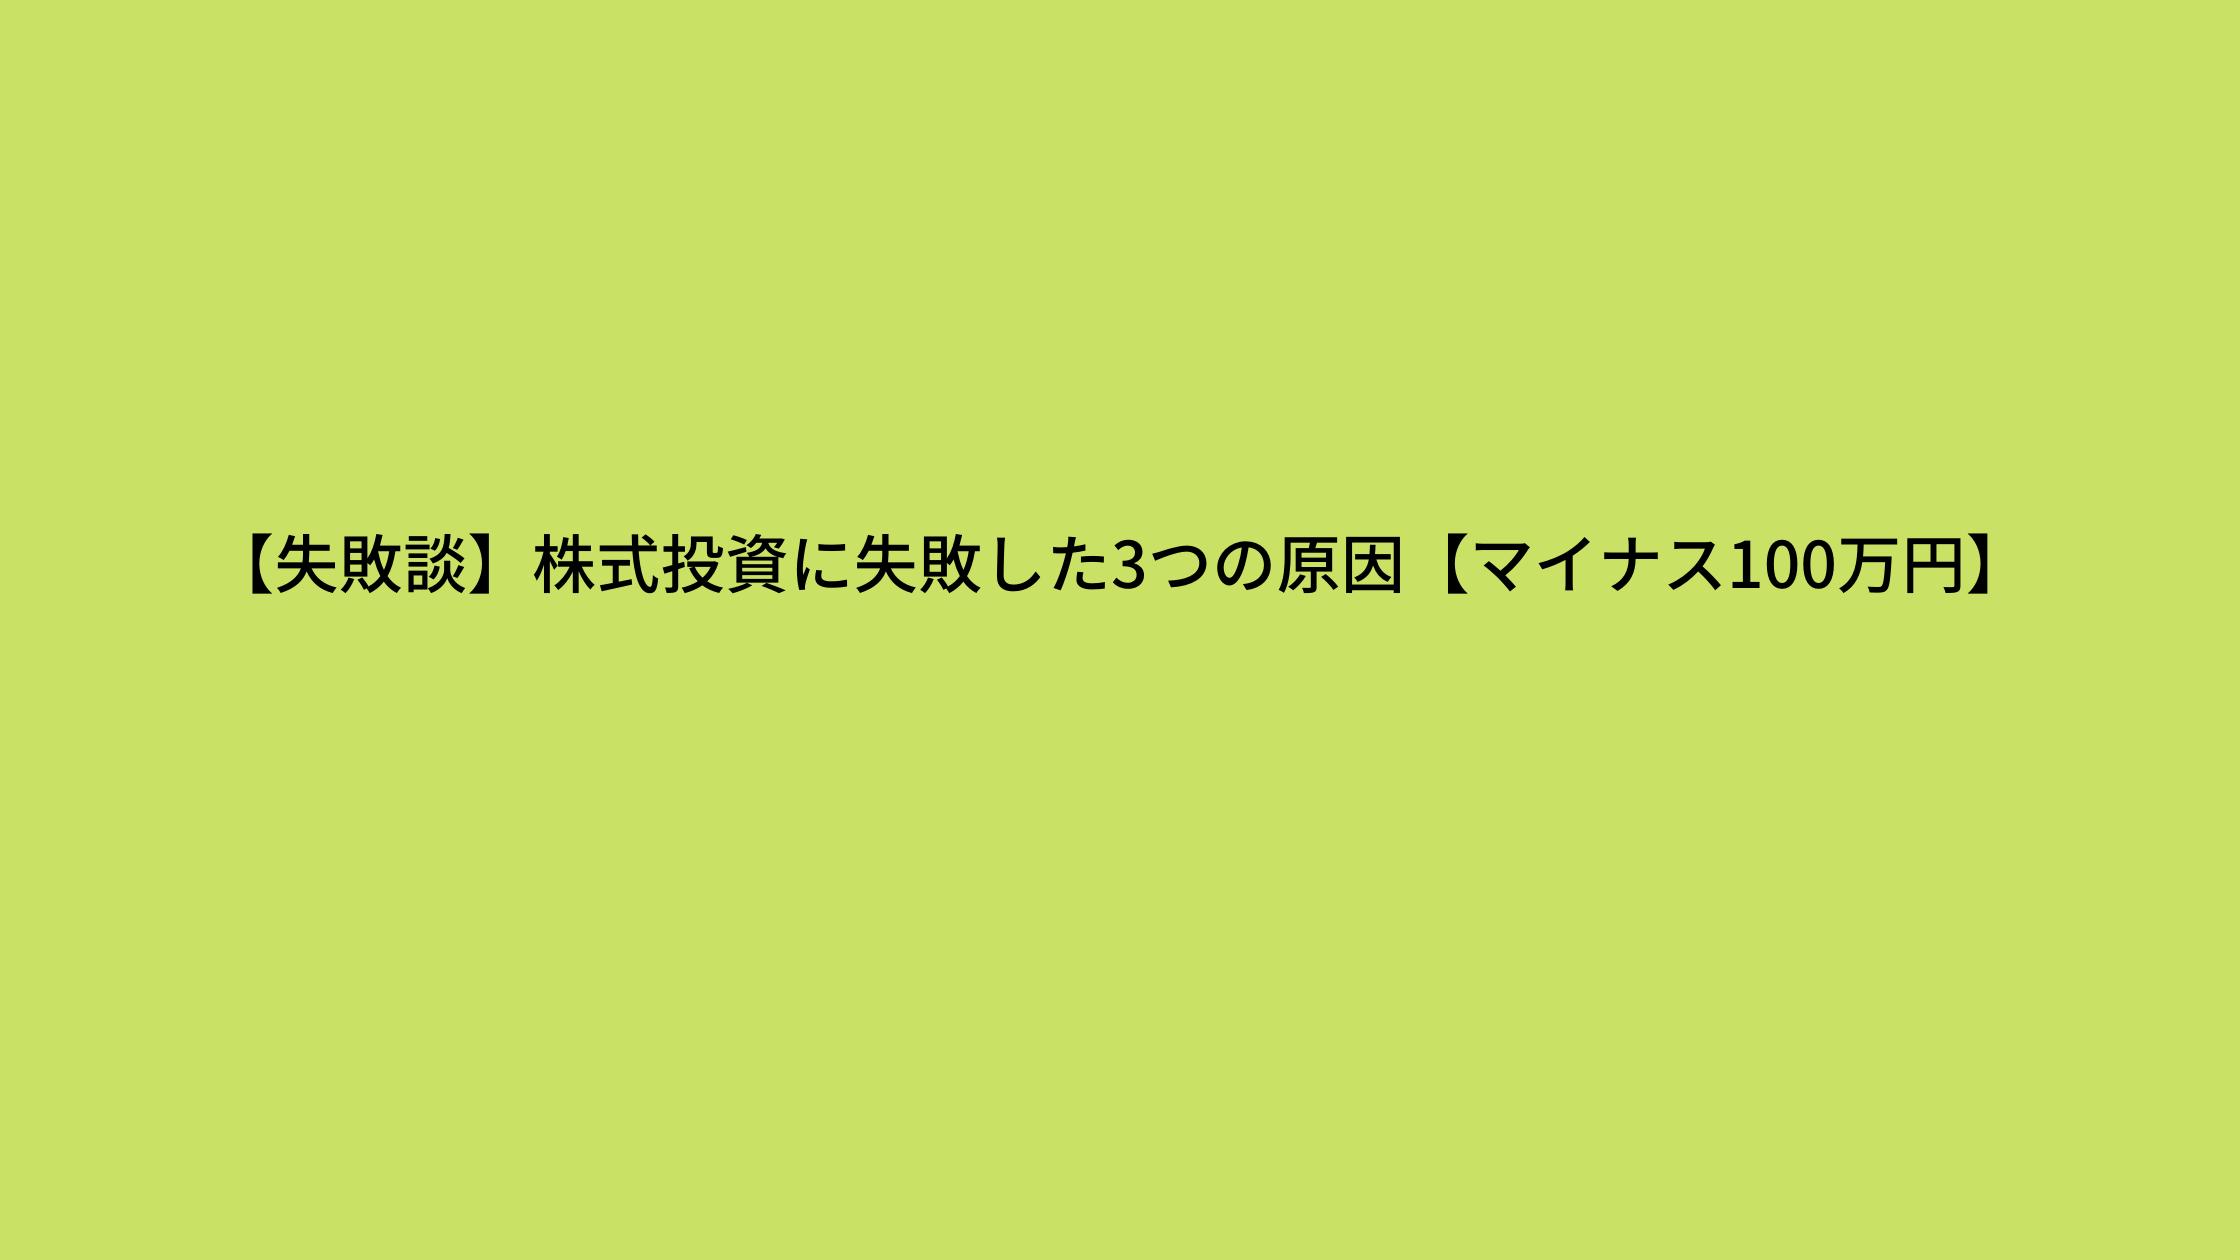 【失敗談】株式投資に失敗した3つの原因【マイナス100万円】